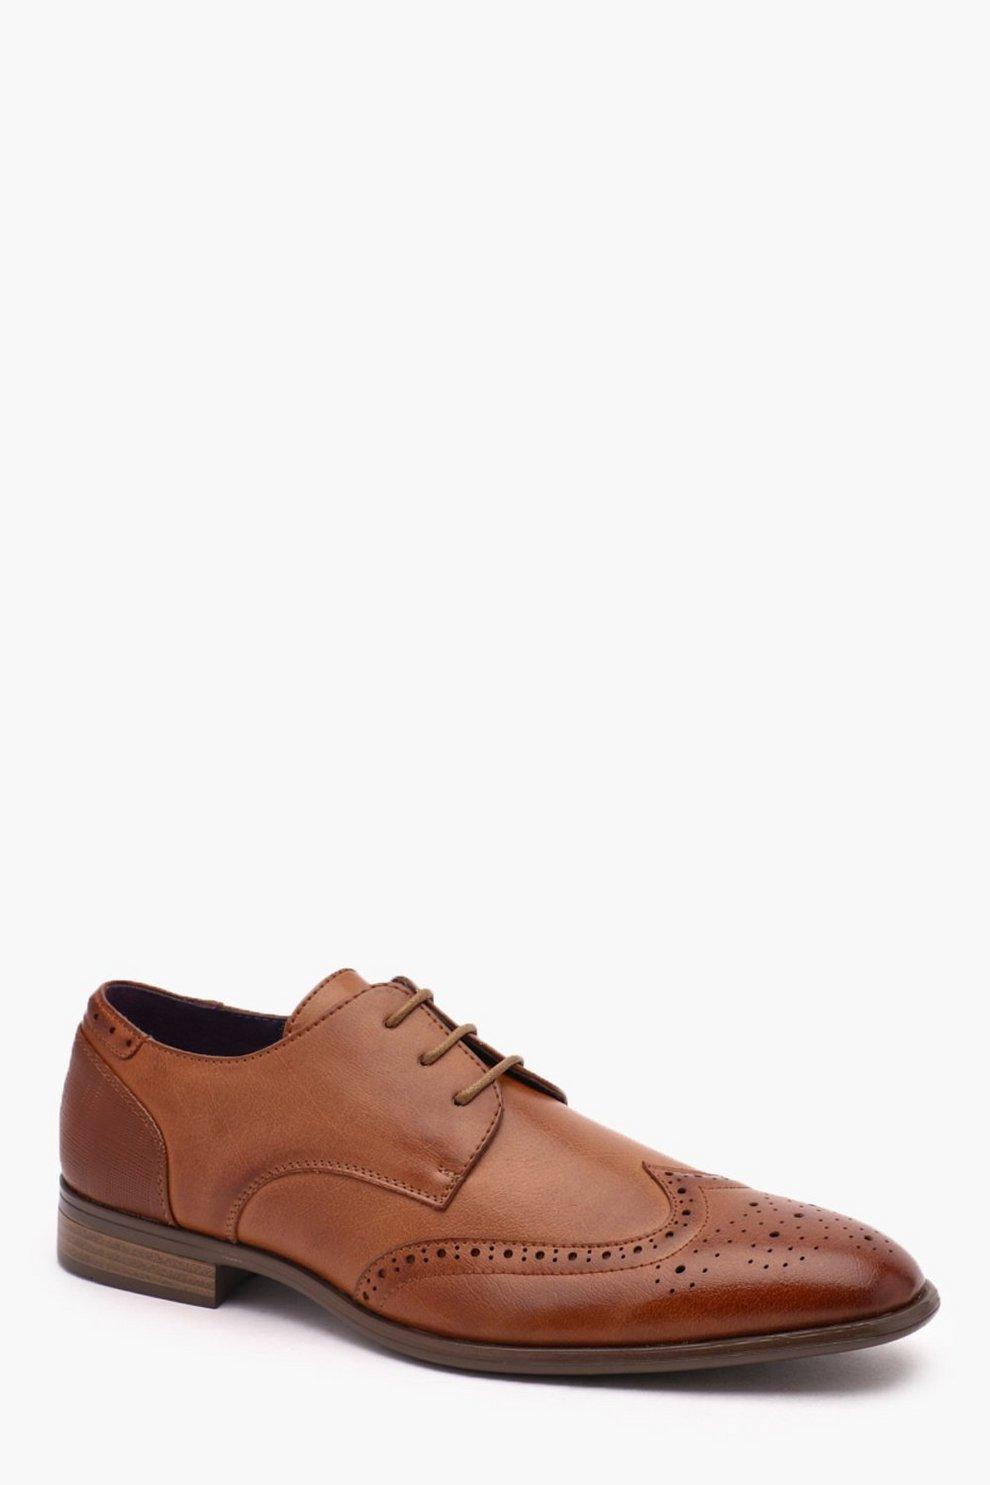 Piel Oxford Zapatos Zapatos De Piel SintéticaBoohoo Oxford SintéticaBoohoo Zapatos De Oxford 0wXkP8On